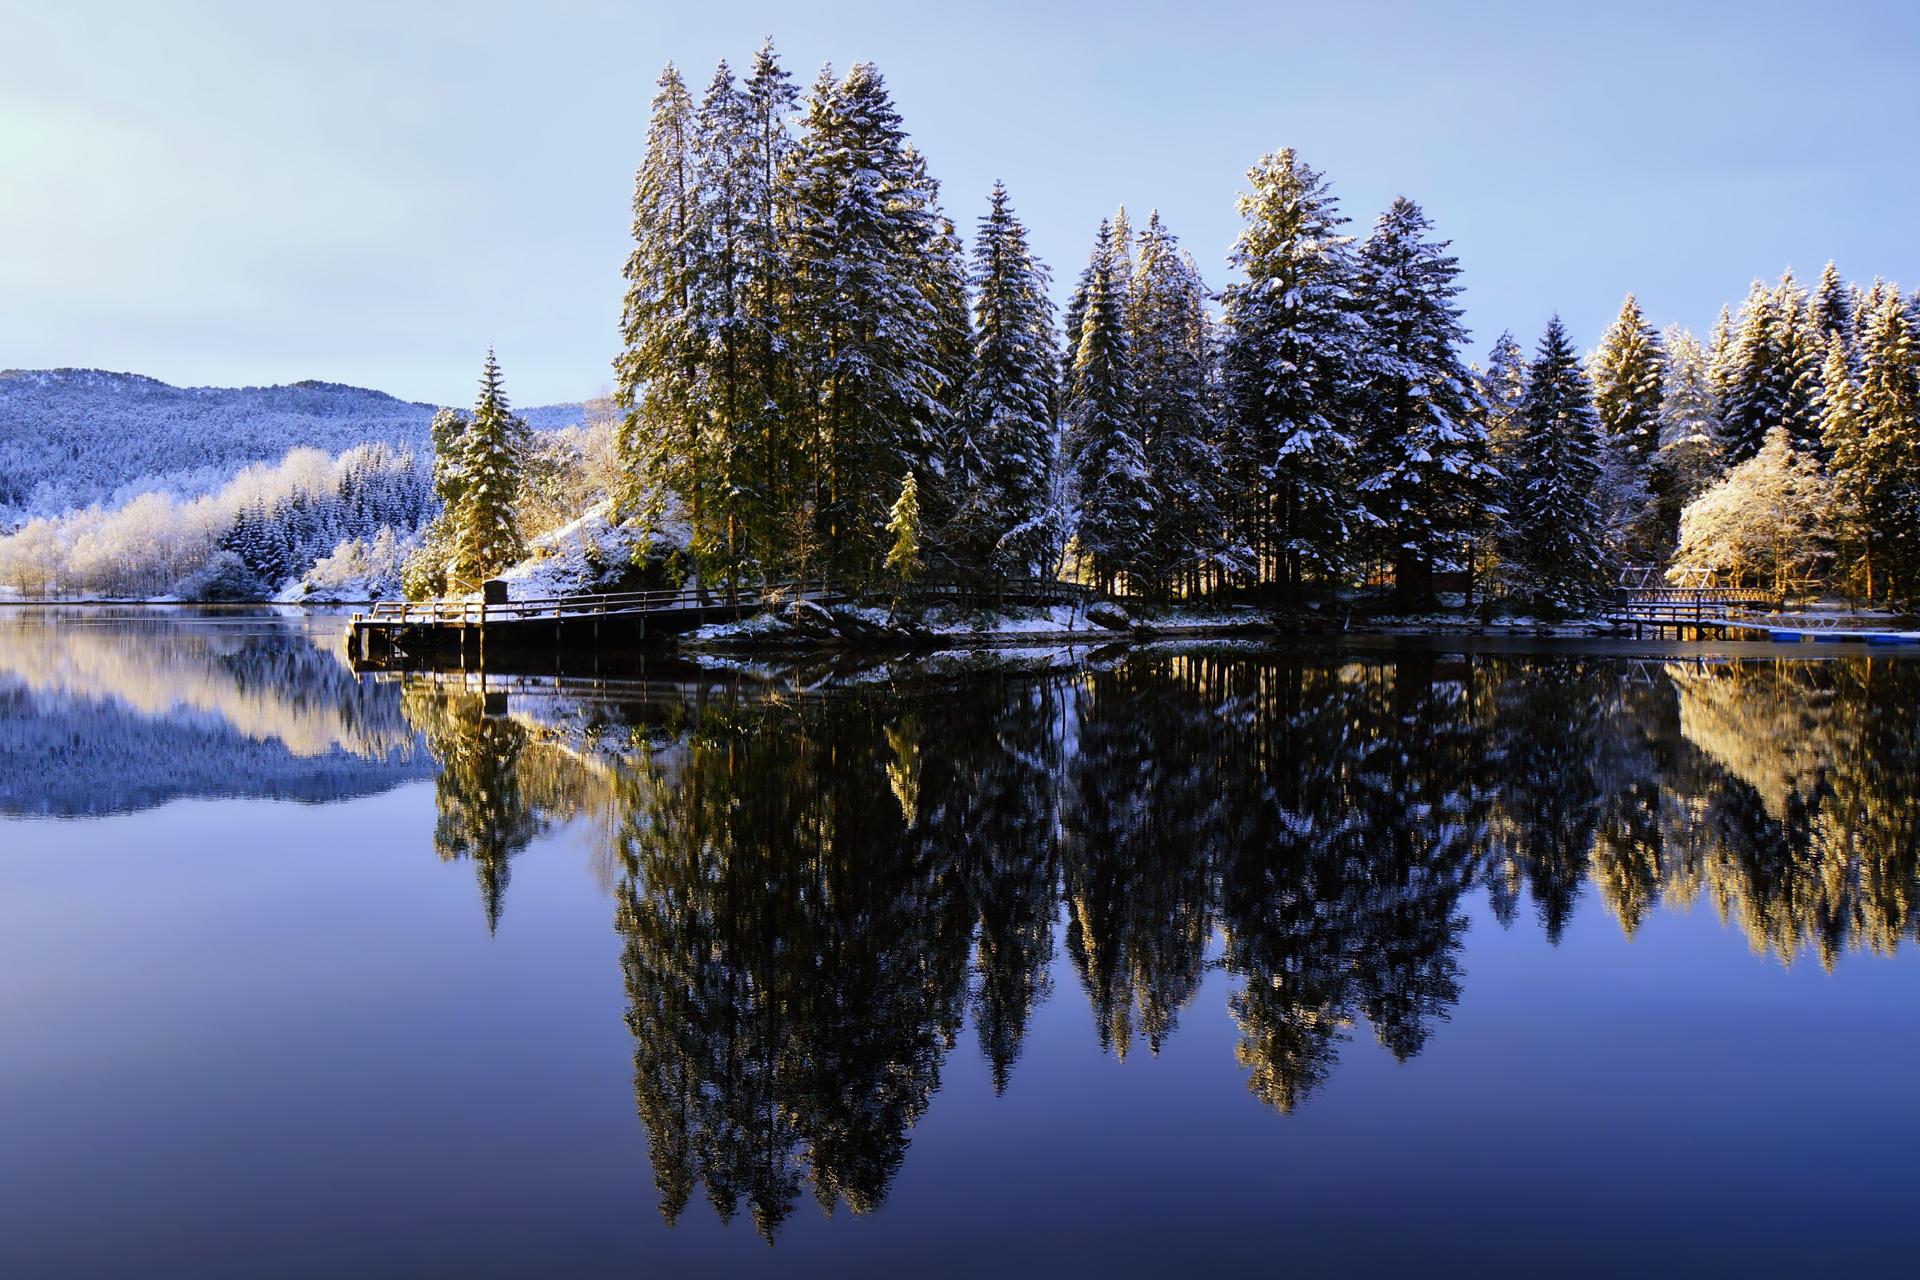 природа озеро отражение лес деревья снег зима бесплатно